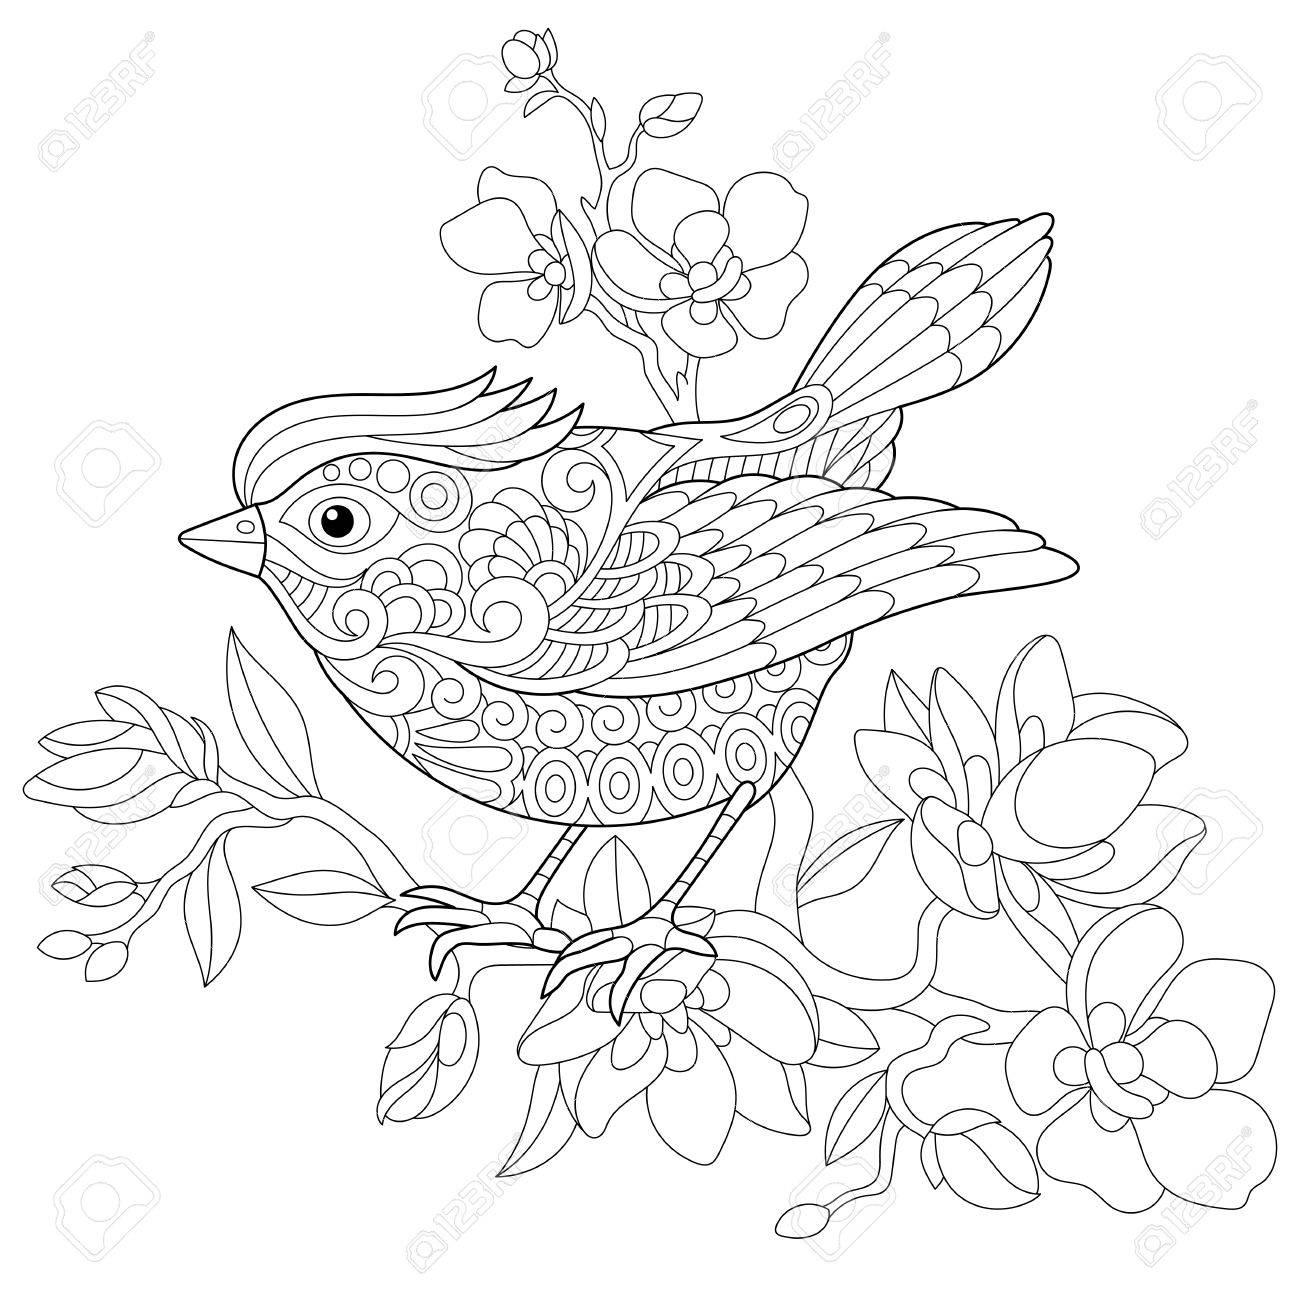 リンゴ開花木の枝の上に座って雀鳥の本ページを着色しますフリーハンド